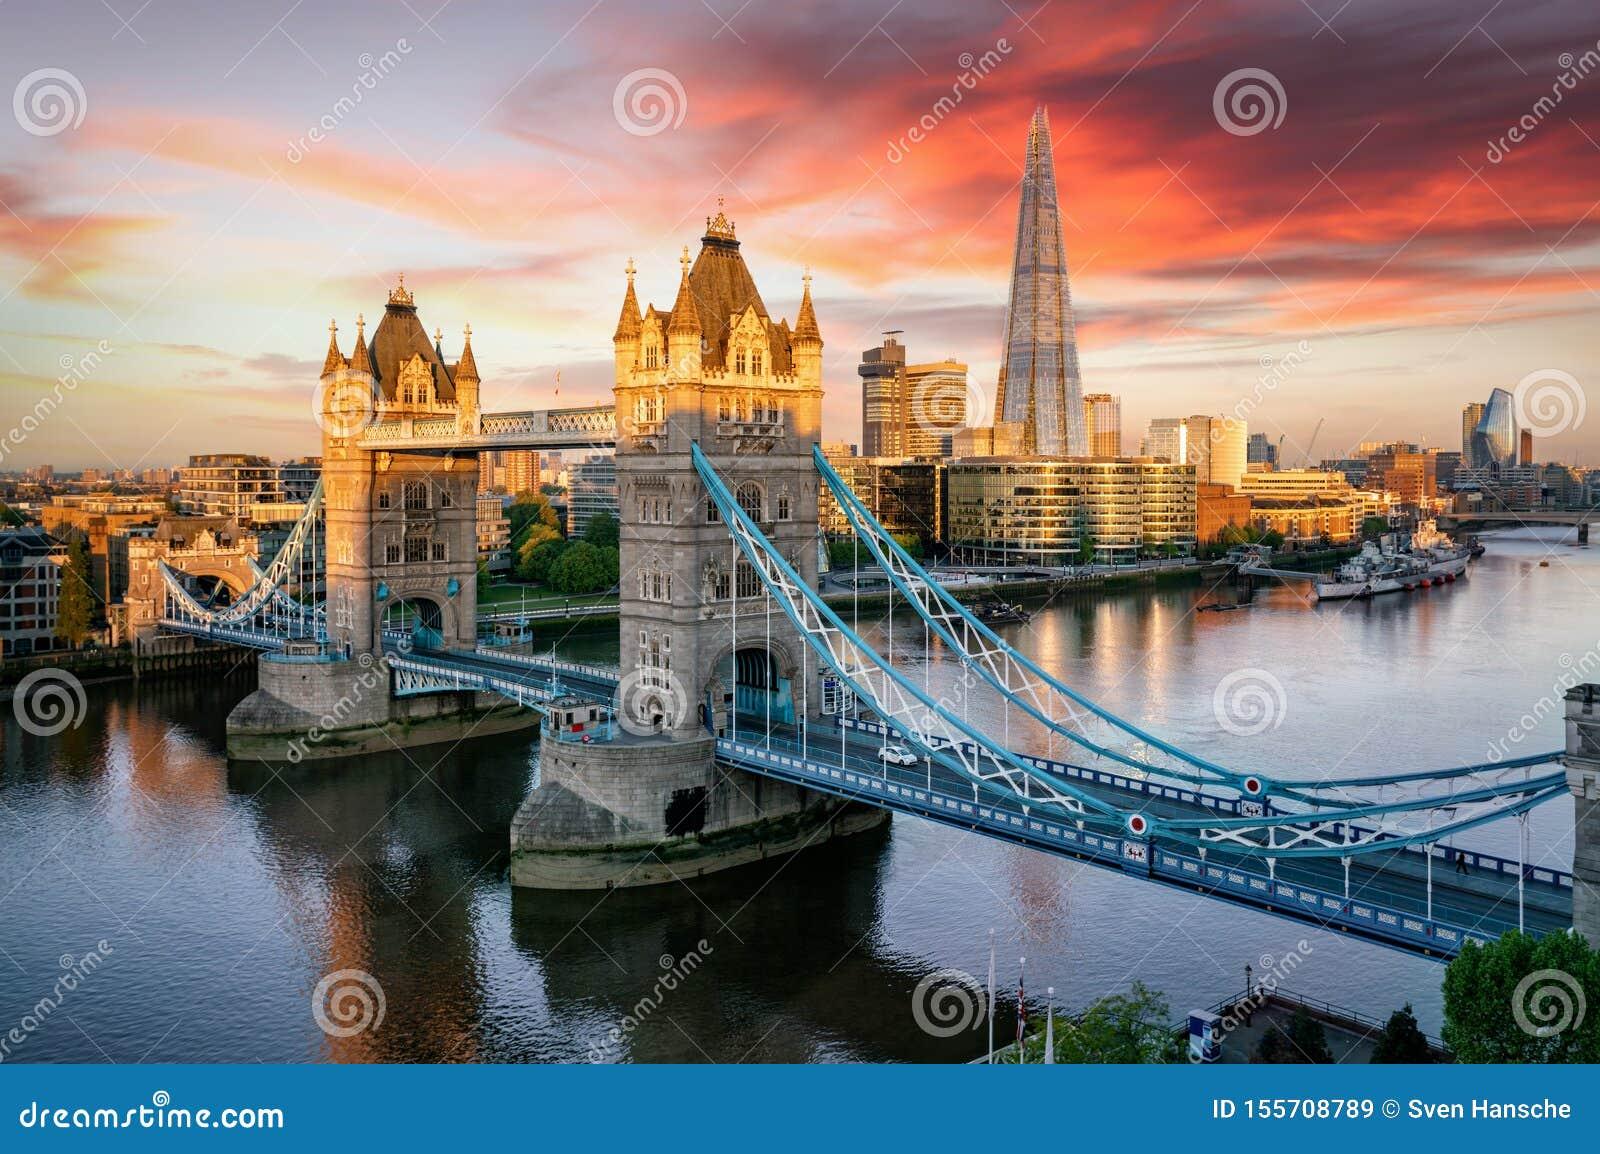 El puente de la torre de Londres y el horizonte a lo largo del río Támesis, Reino Unido